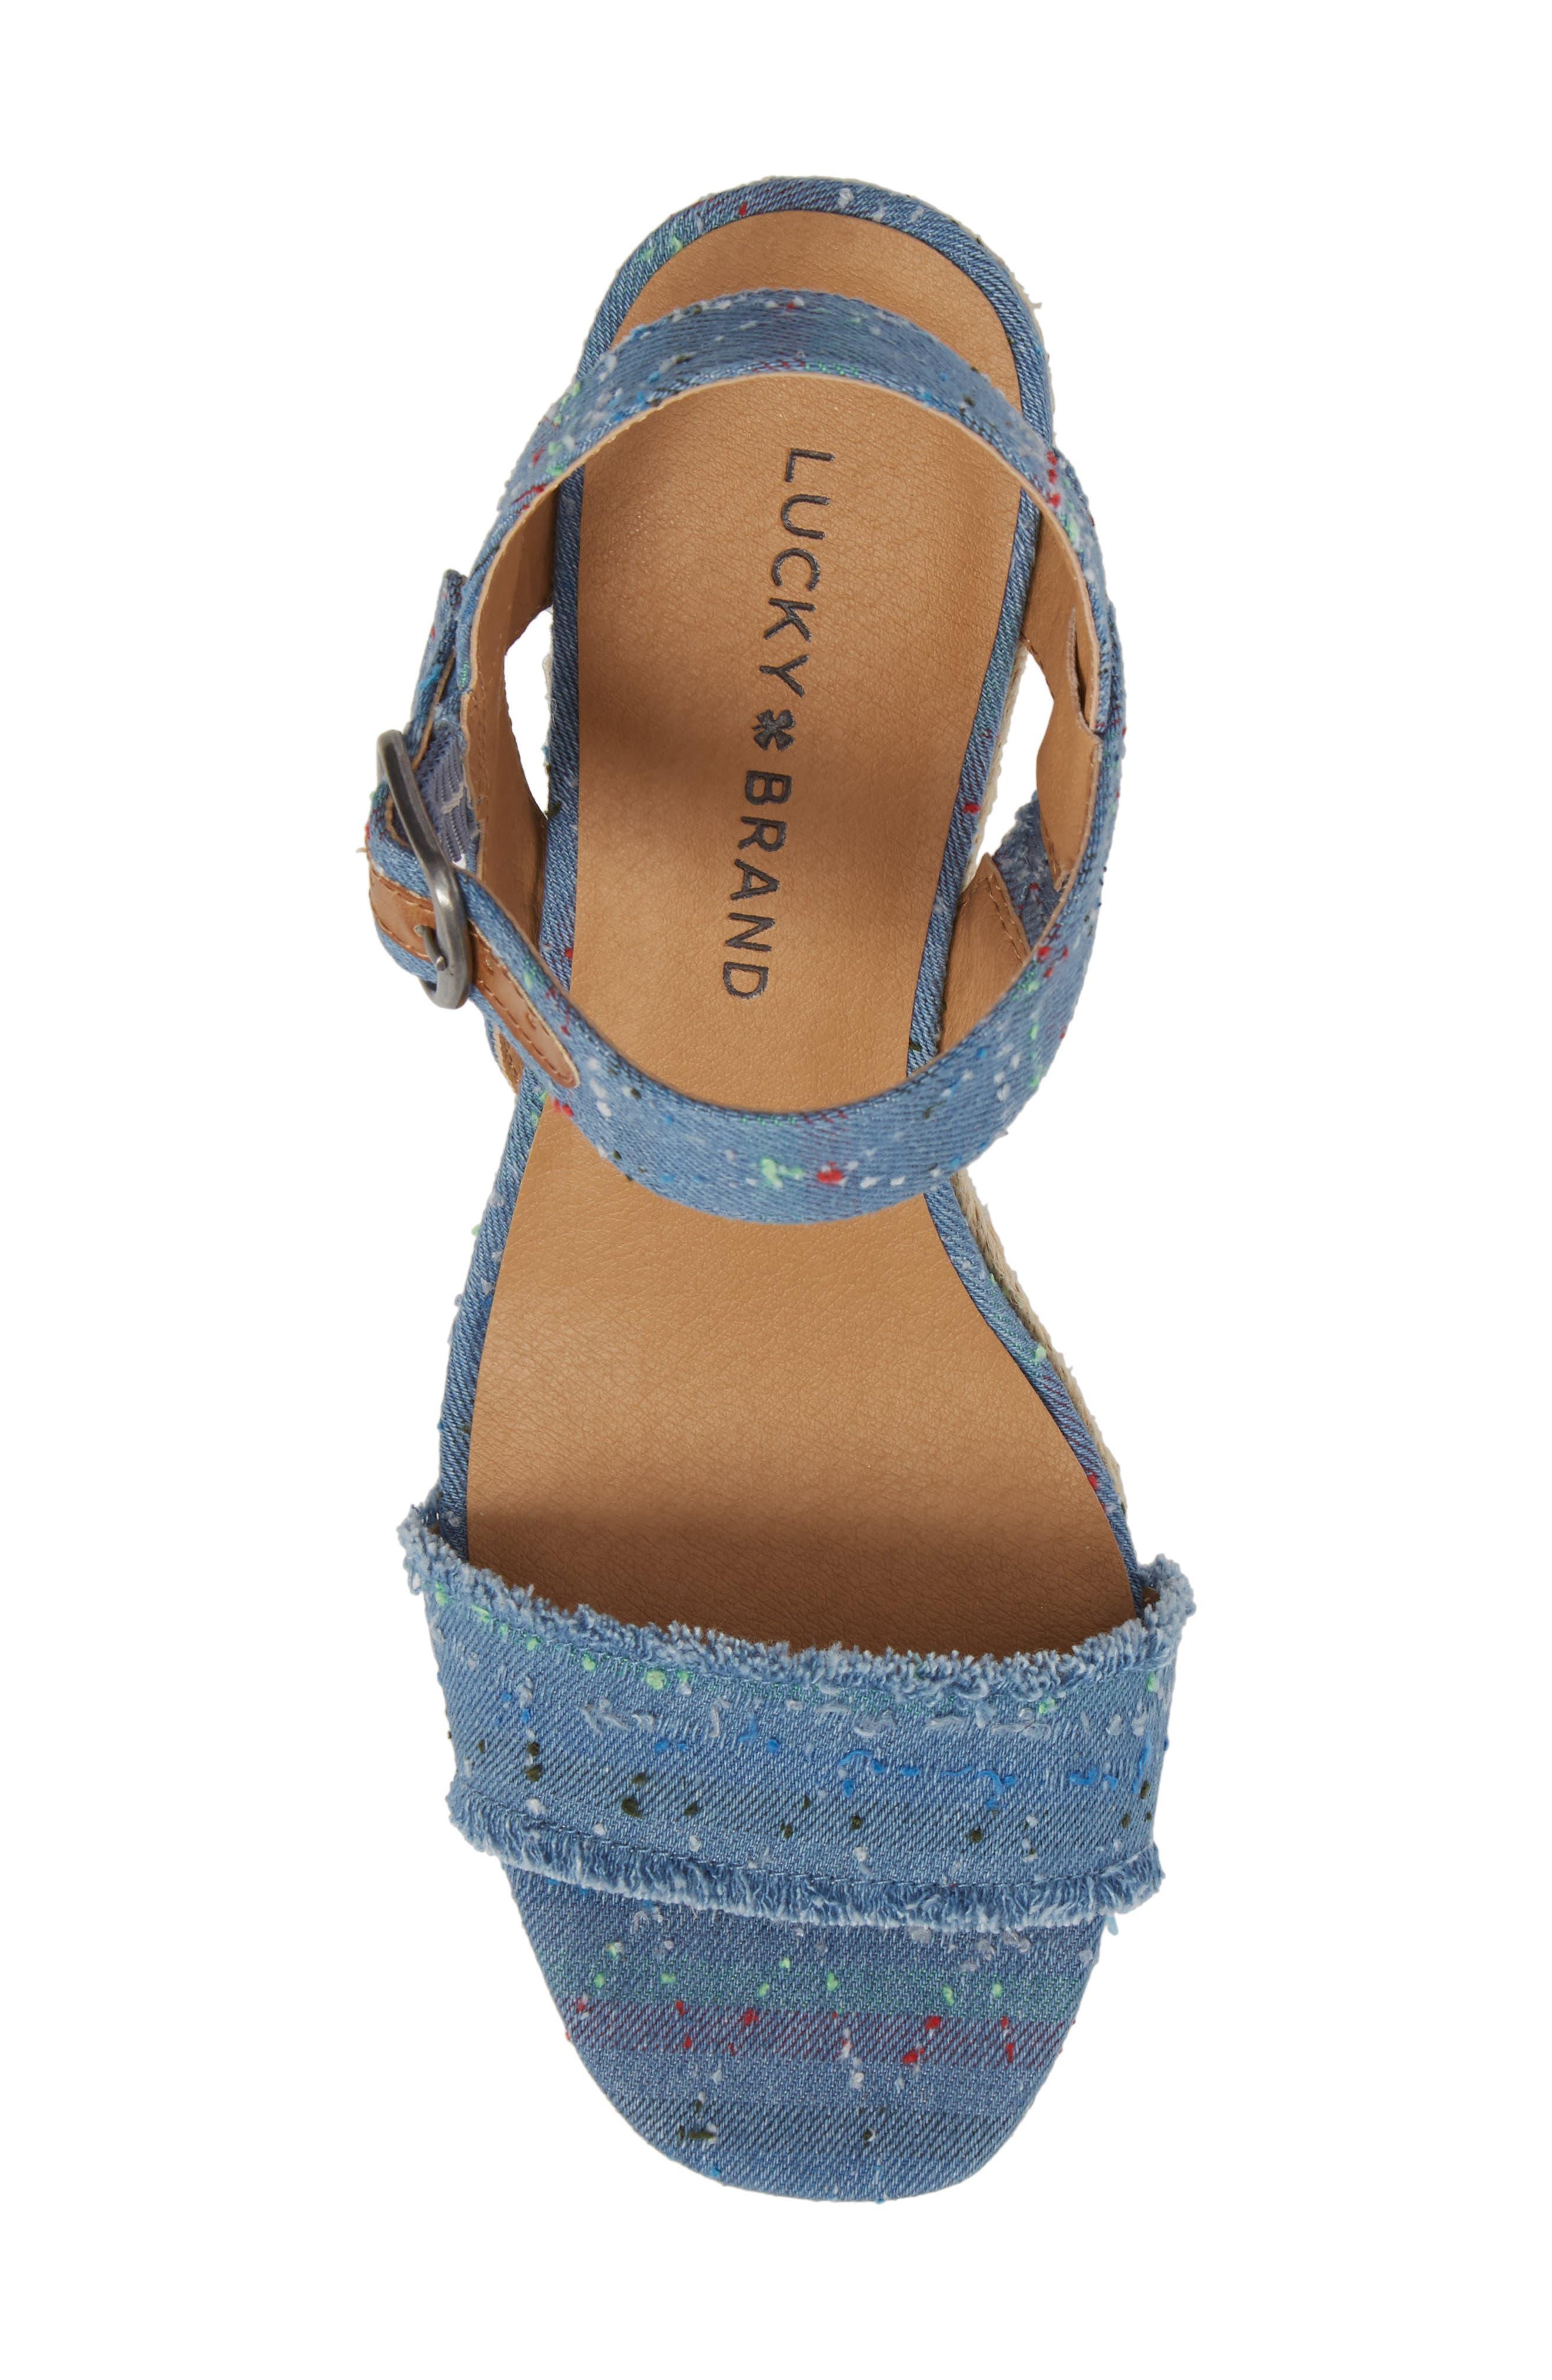 Marceline Squared Toe Wedge Sandal,                             Alternate thumbnail 33, color,